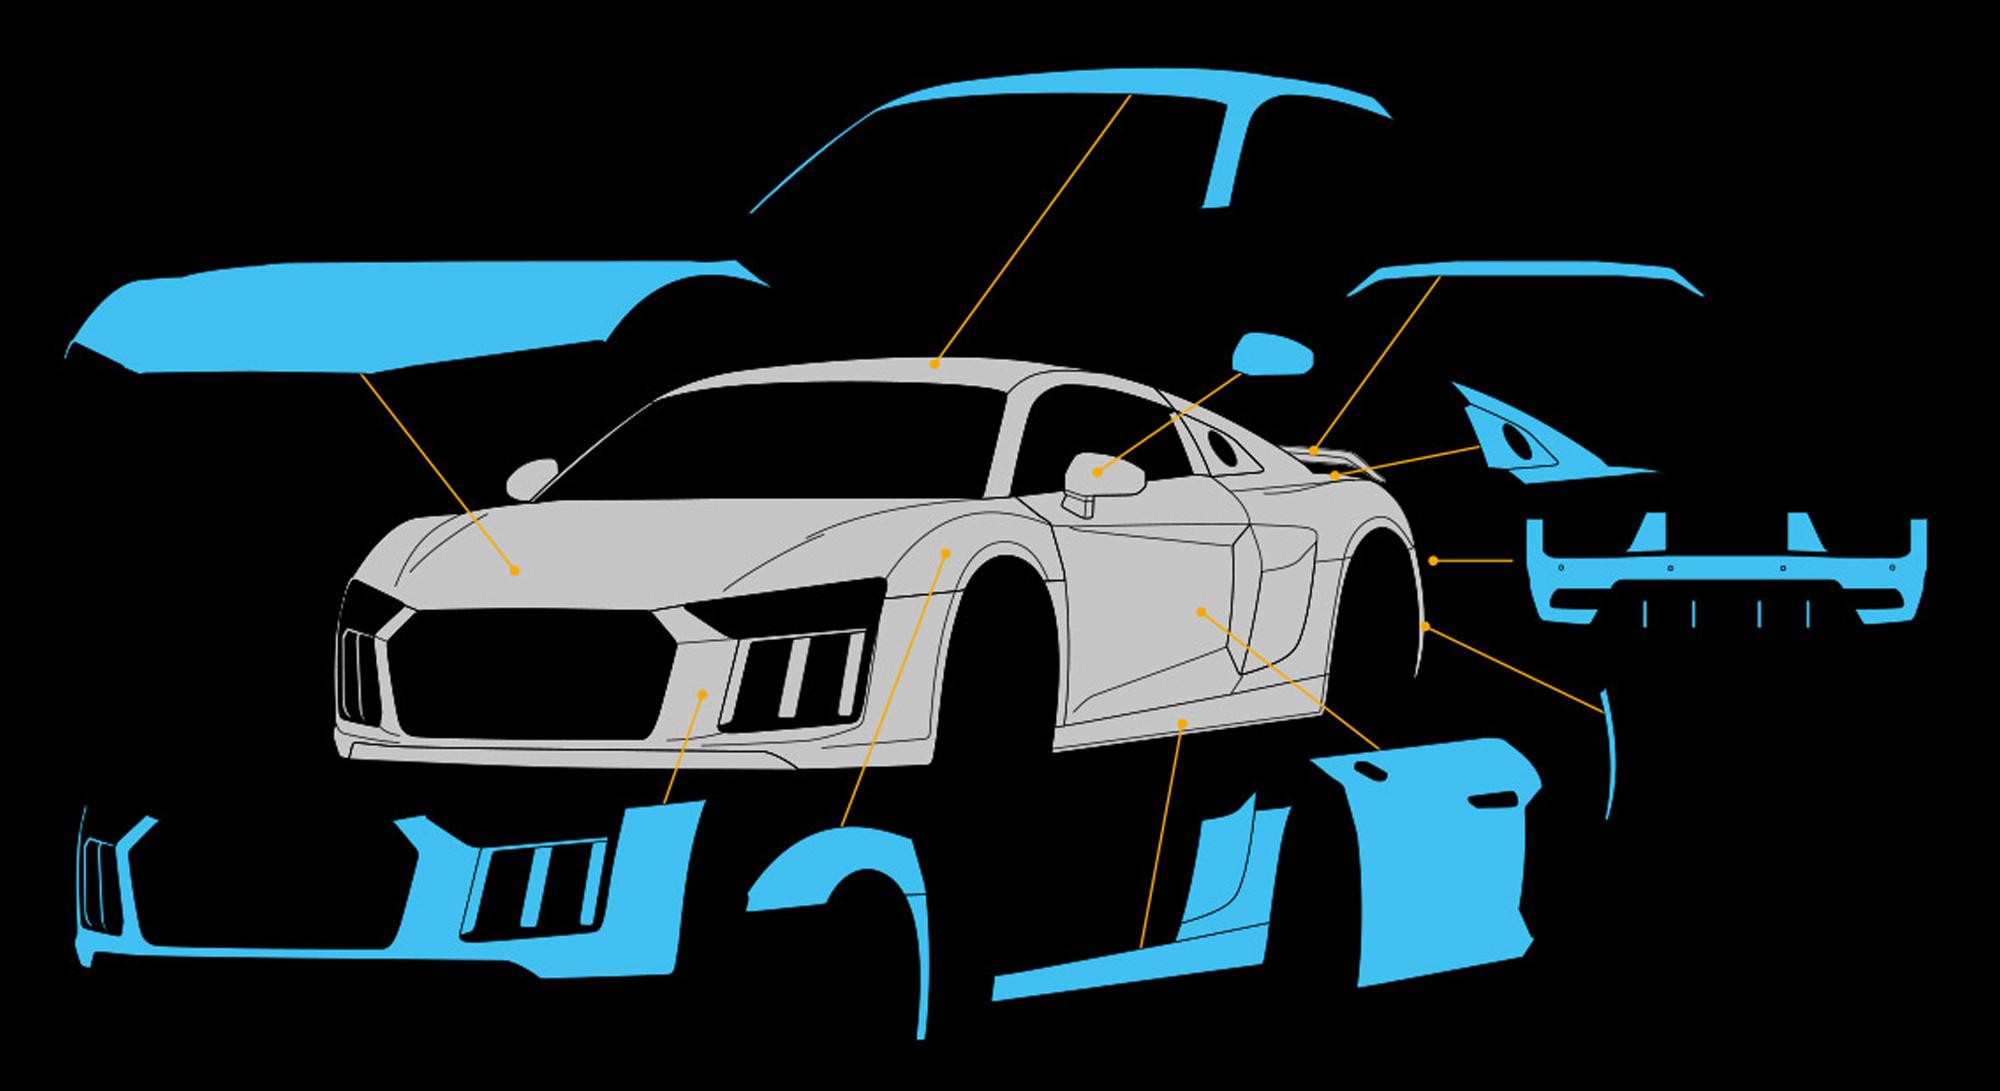 Unfallreparatur Schadenabwicklung Fahrzeugschaden Spot Repair Auto Reparatur